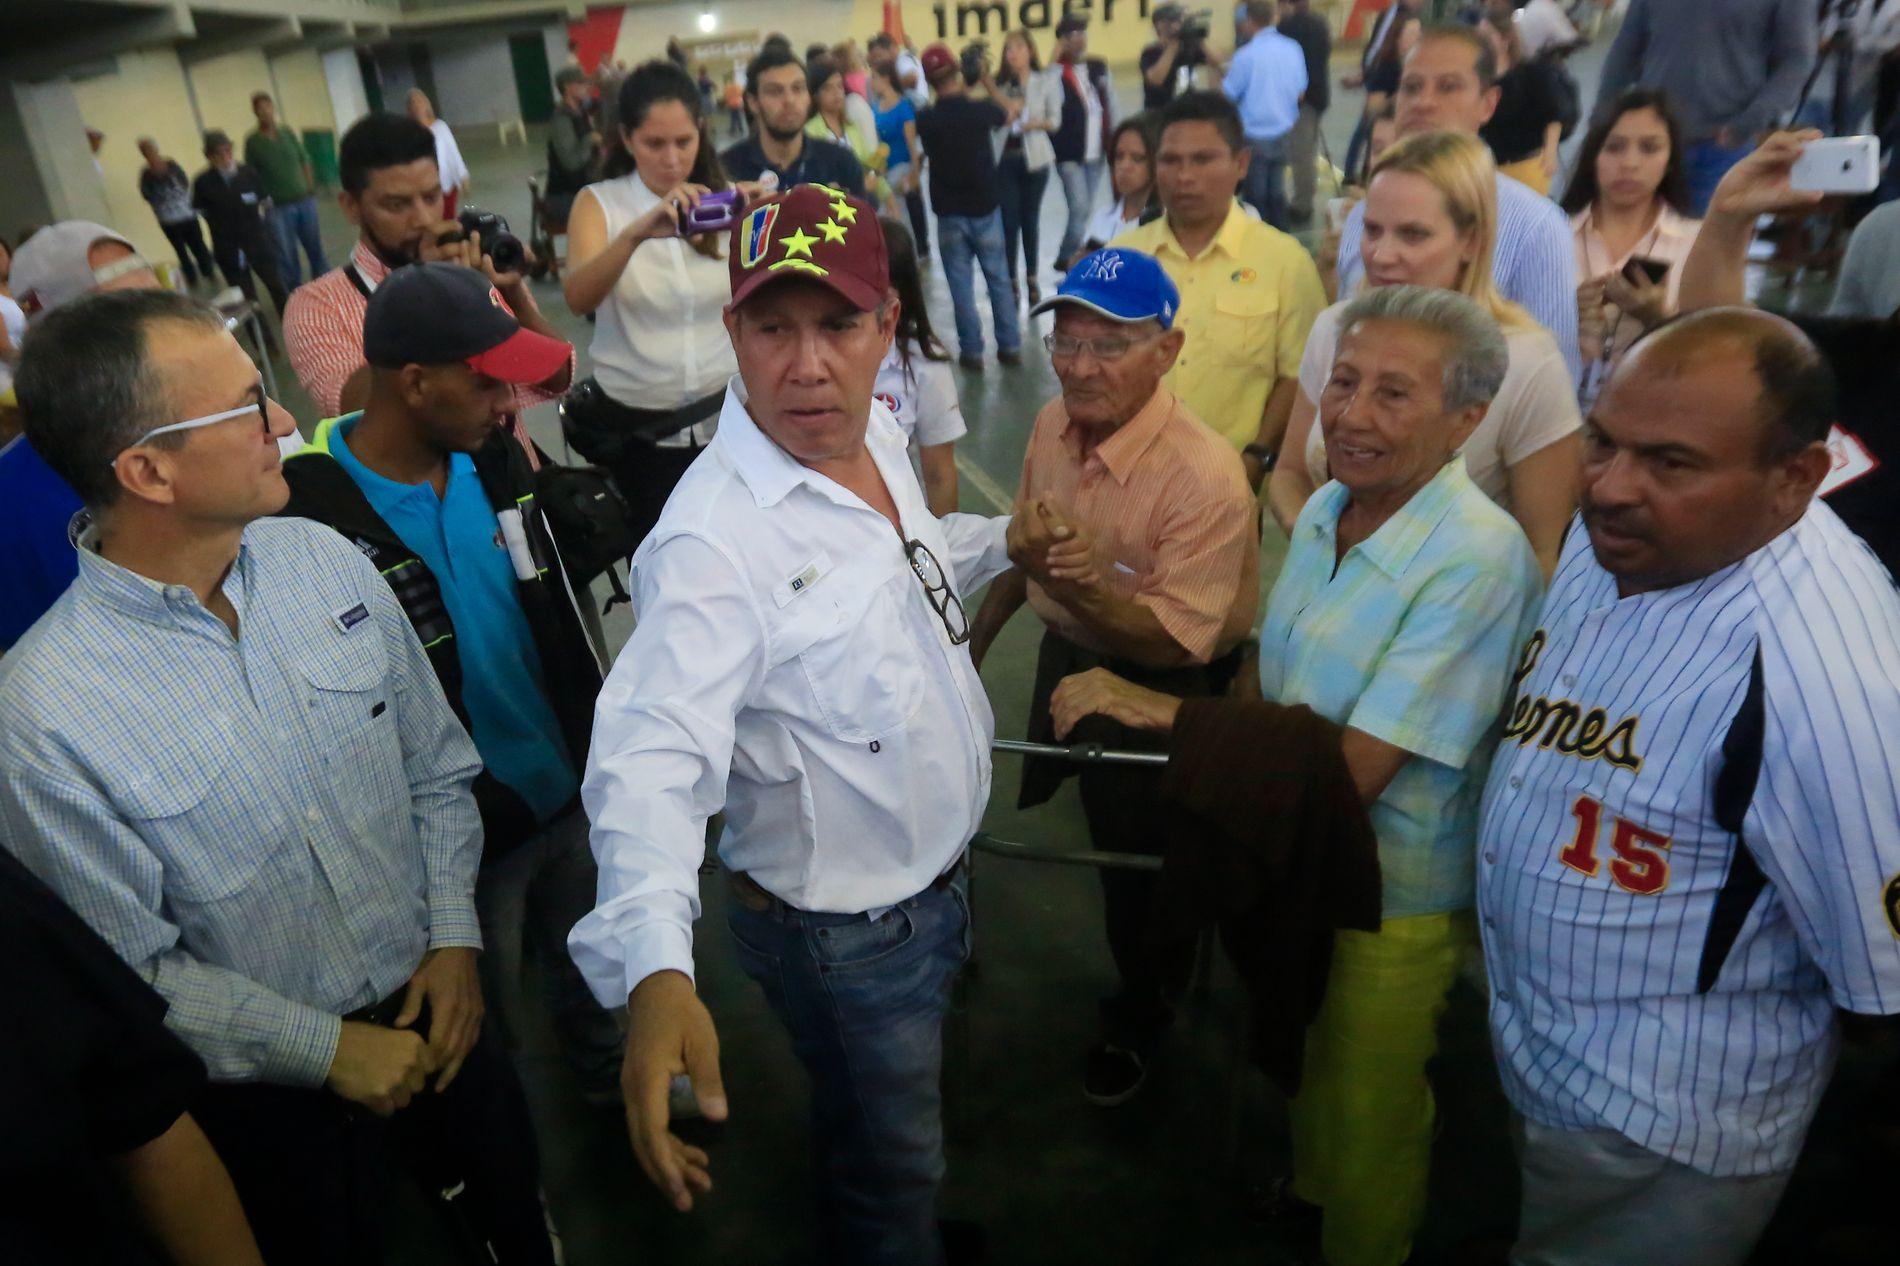 KREVER NYTT VALG: Presidentkandidat Henri Falcón står sammen med flere støttespillere søndag. Han sier valget i Venezuela mangler legitimitet og krever et nytt.